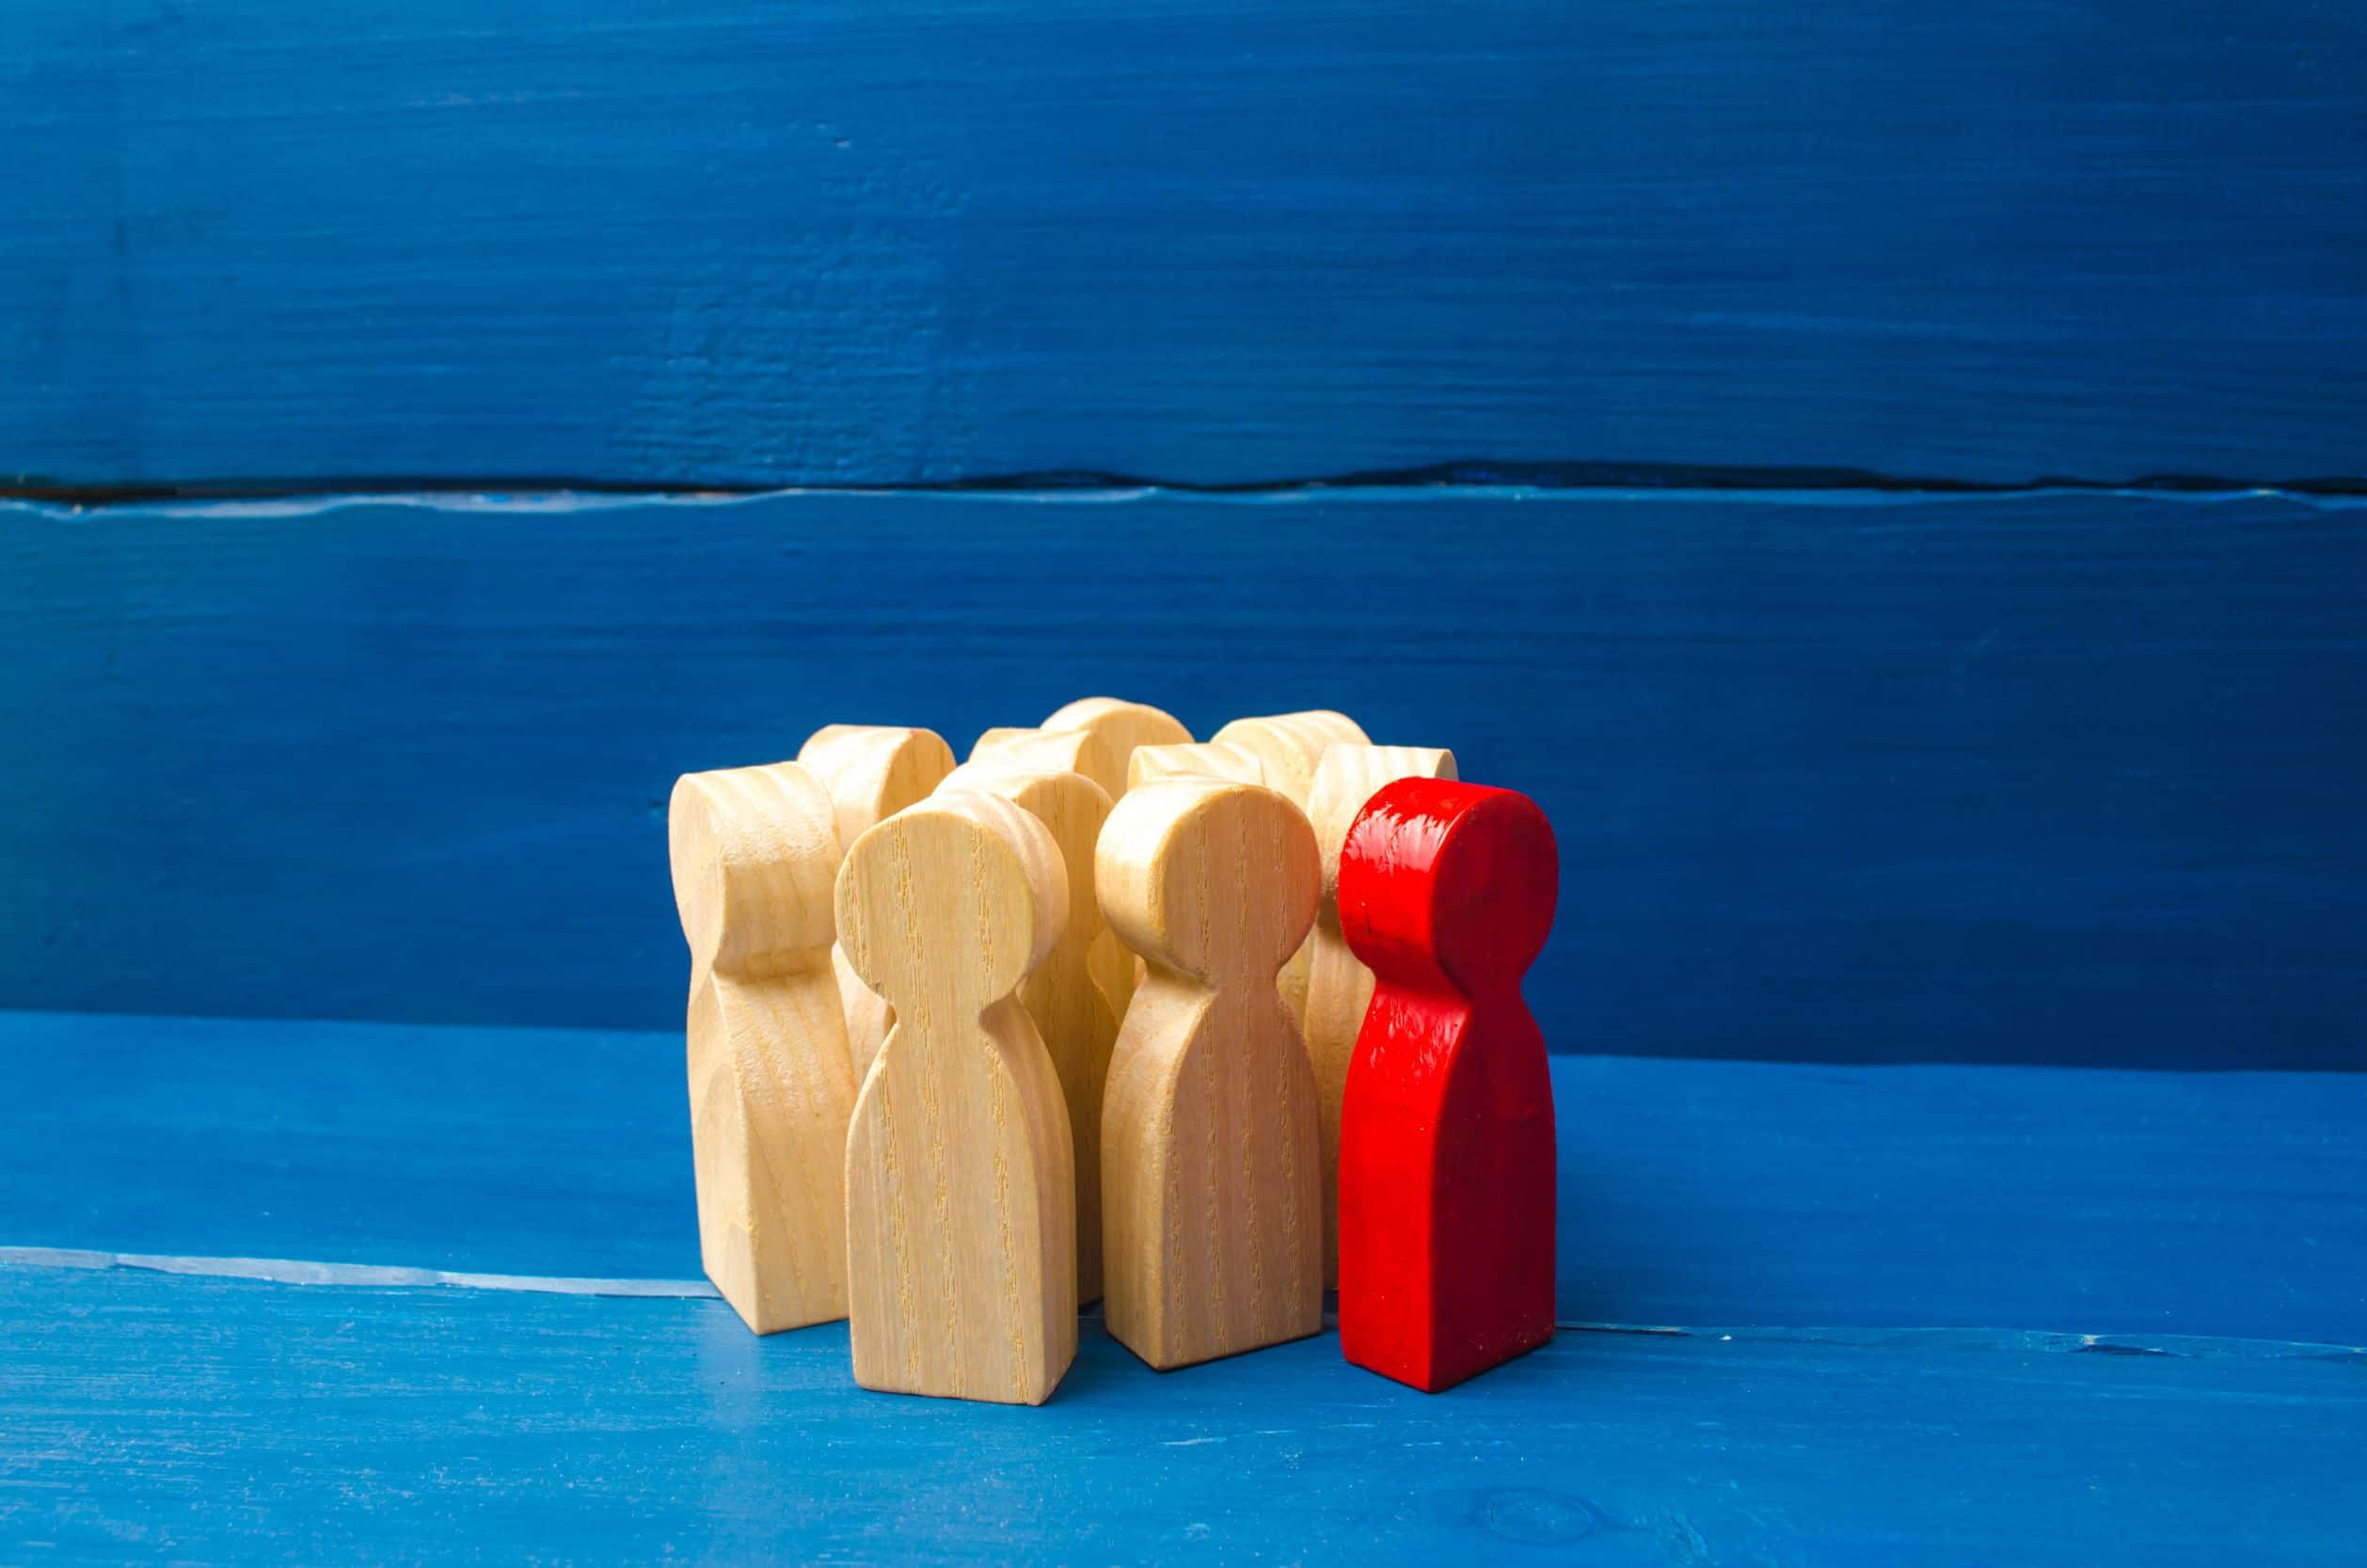 Bonecos de madeira representando grupo social. Um boneco tingido de vermelho representa uma pessoa fora do grupo. Fundo azul.